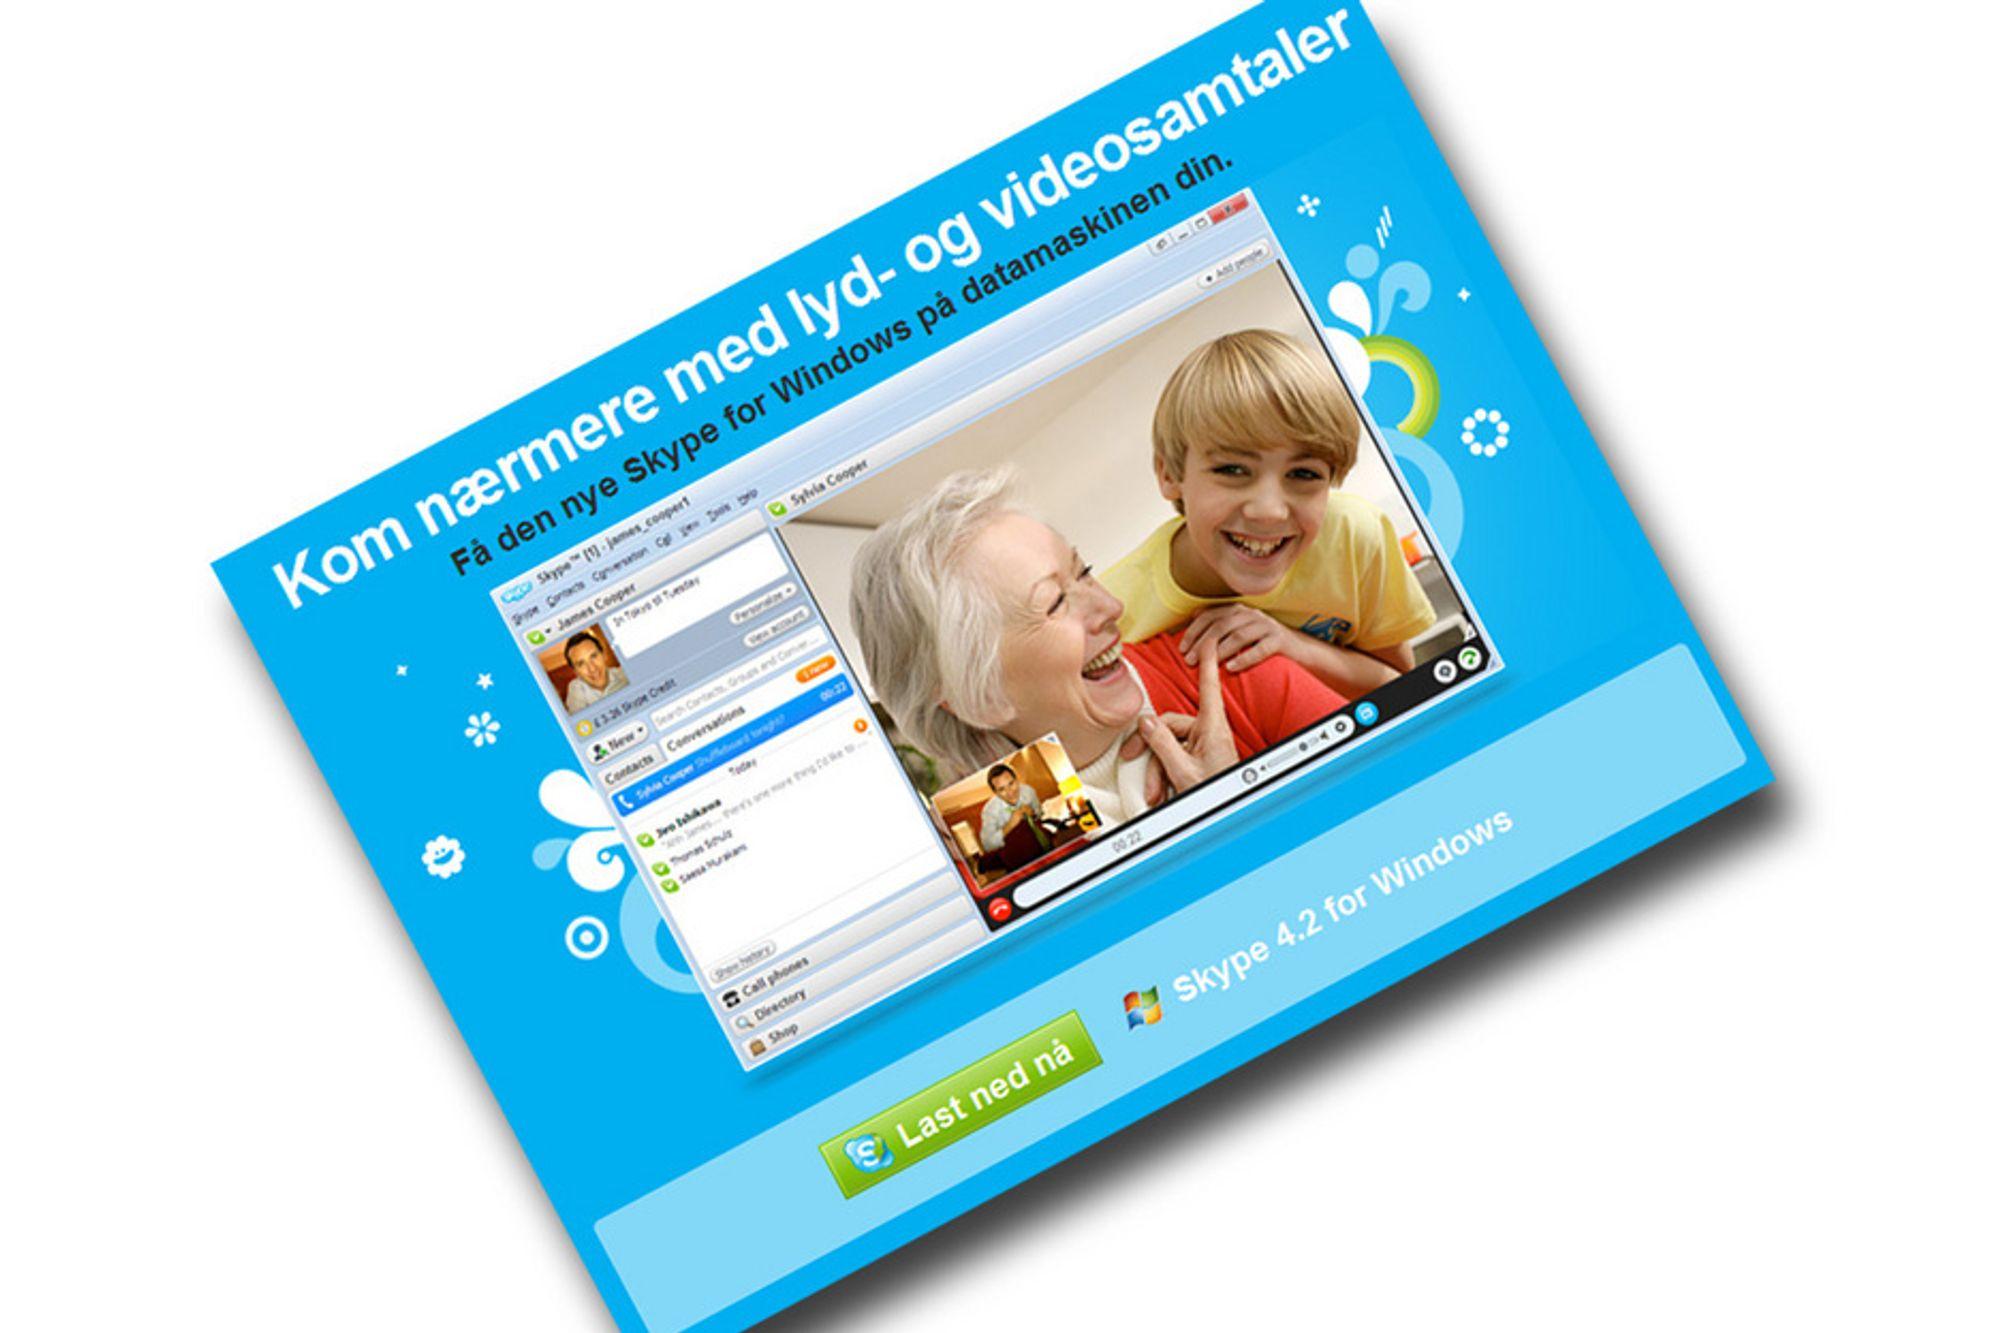 POPULÆRT: Skype har 124 millioner brukere hver måned. Det ønsker Microsoft å betale dyrt for.